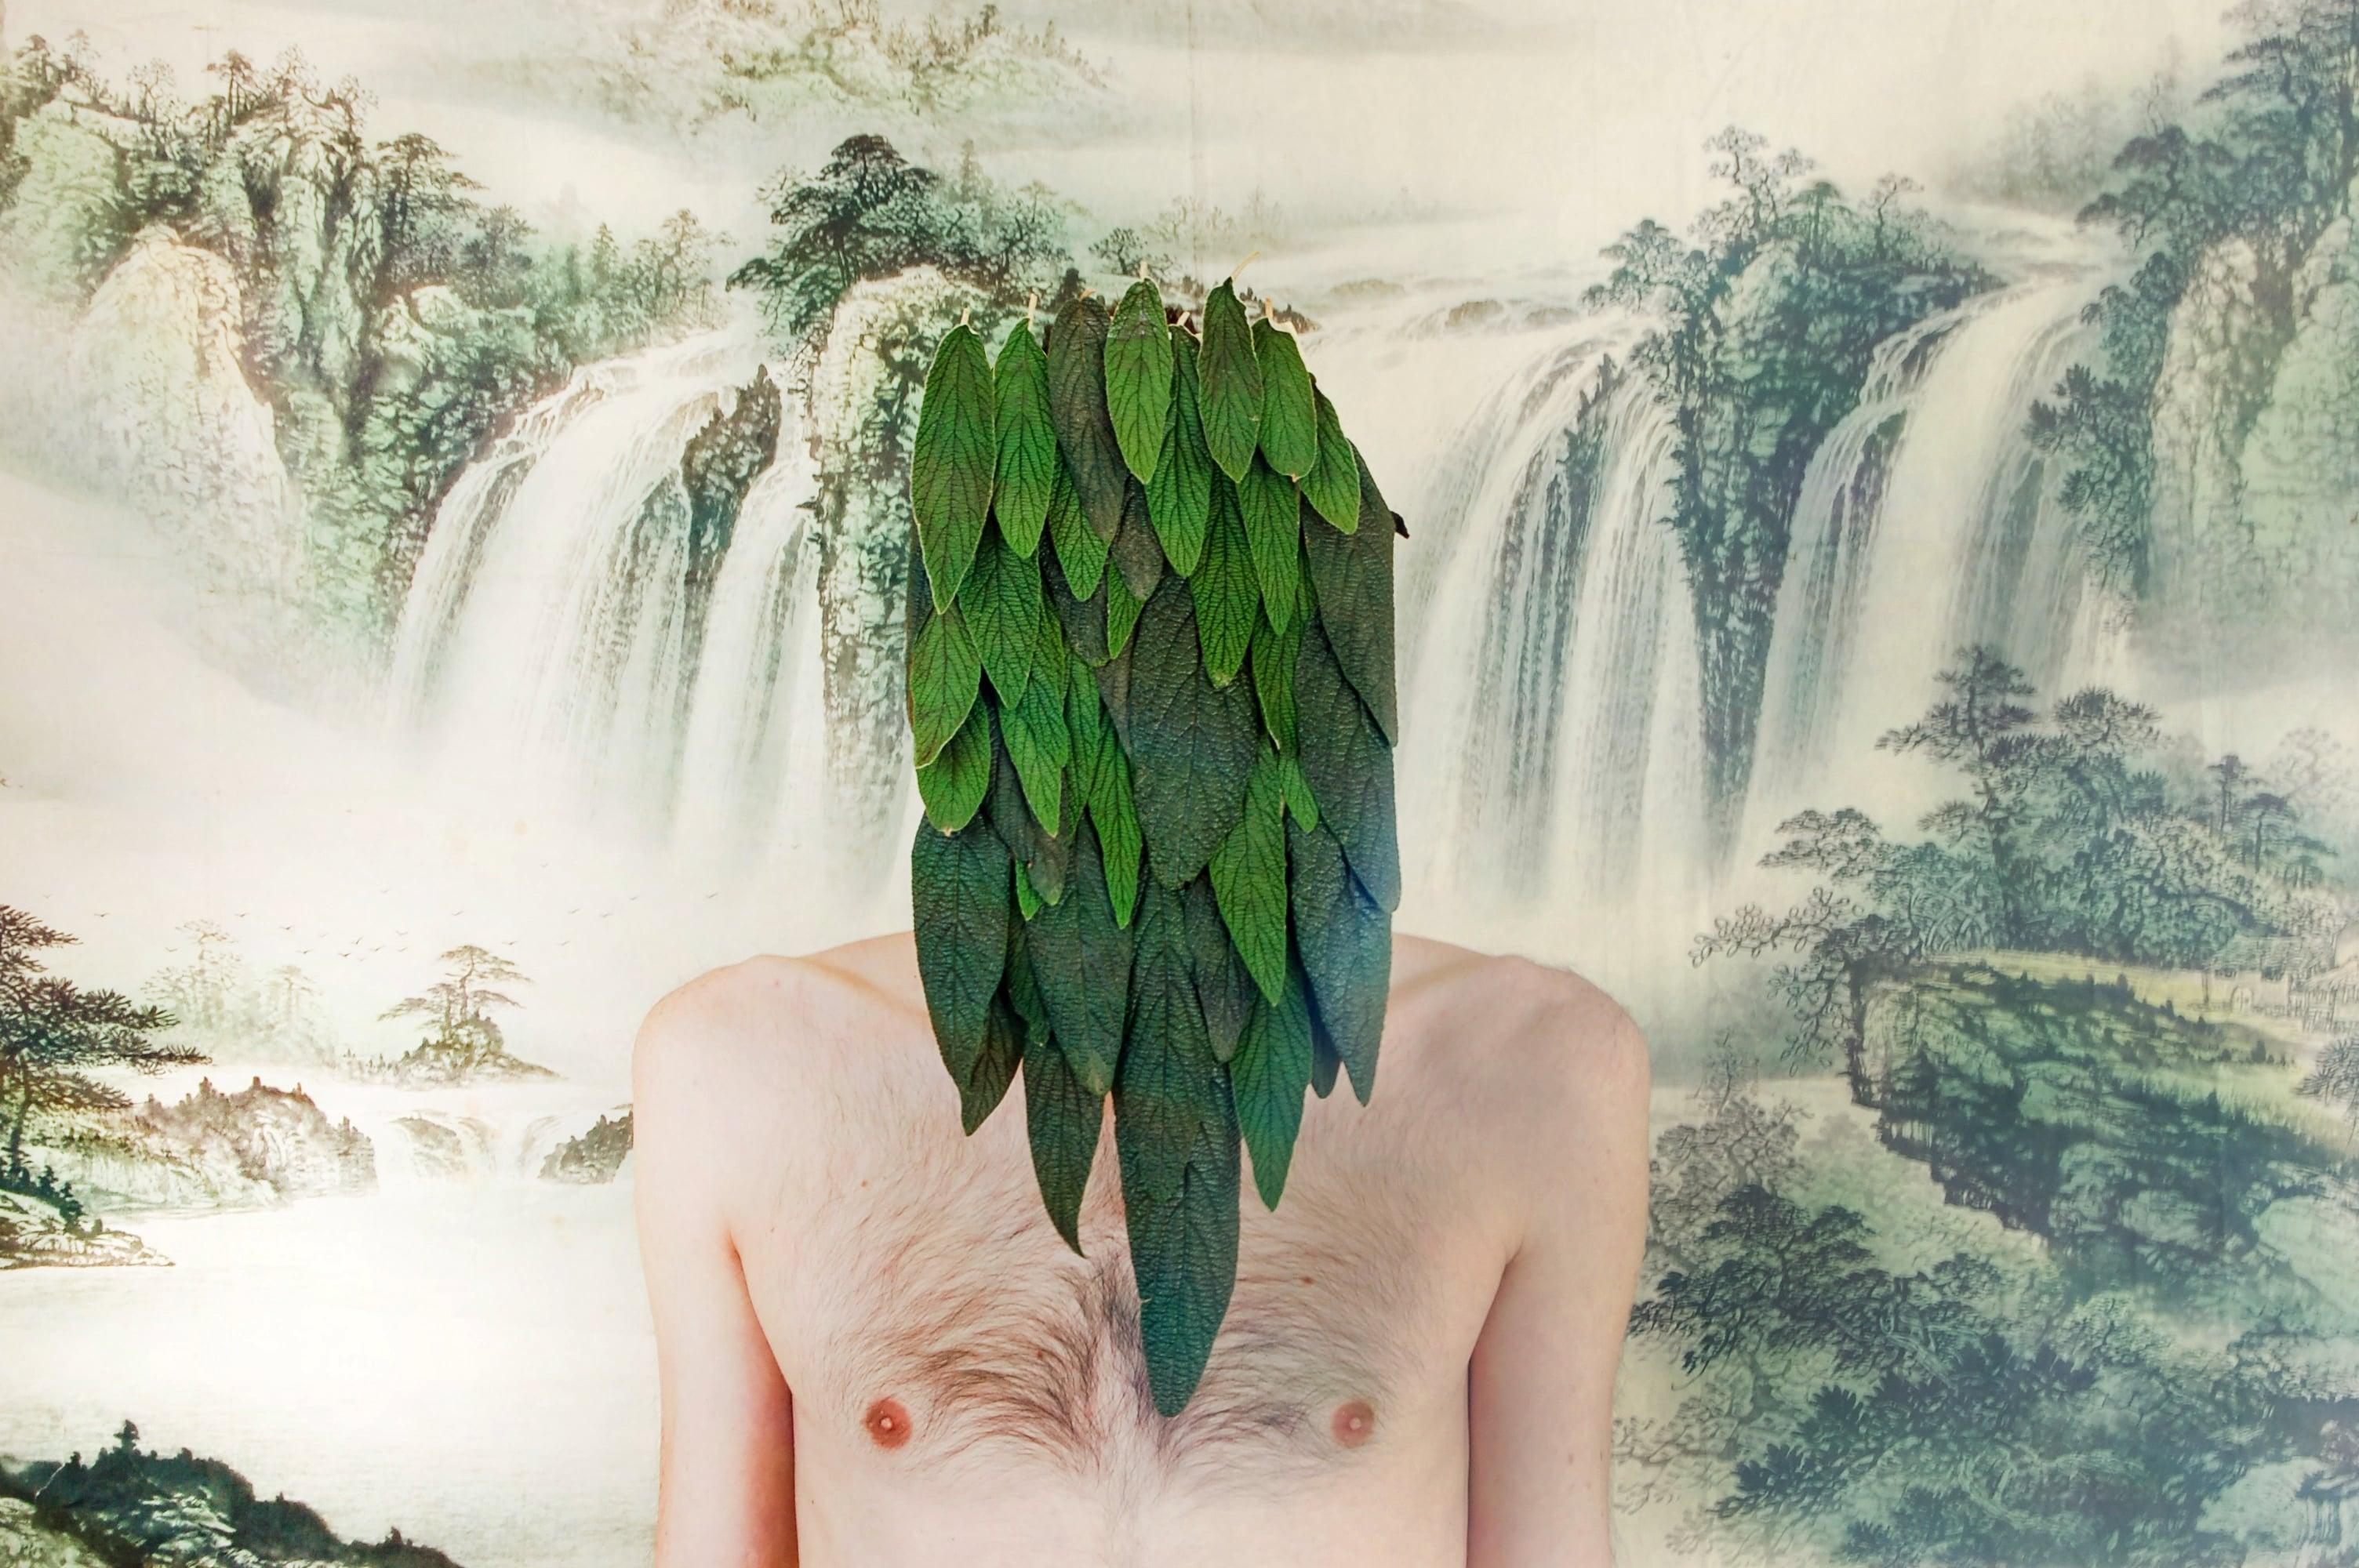 Giusy Pirrotta, Rituale dell'alba – Rituale del crepuscolo / Dawn Ritual - Twilight Ritual, 2020